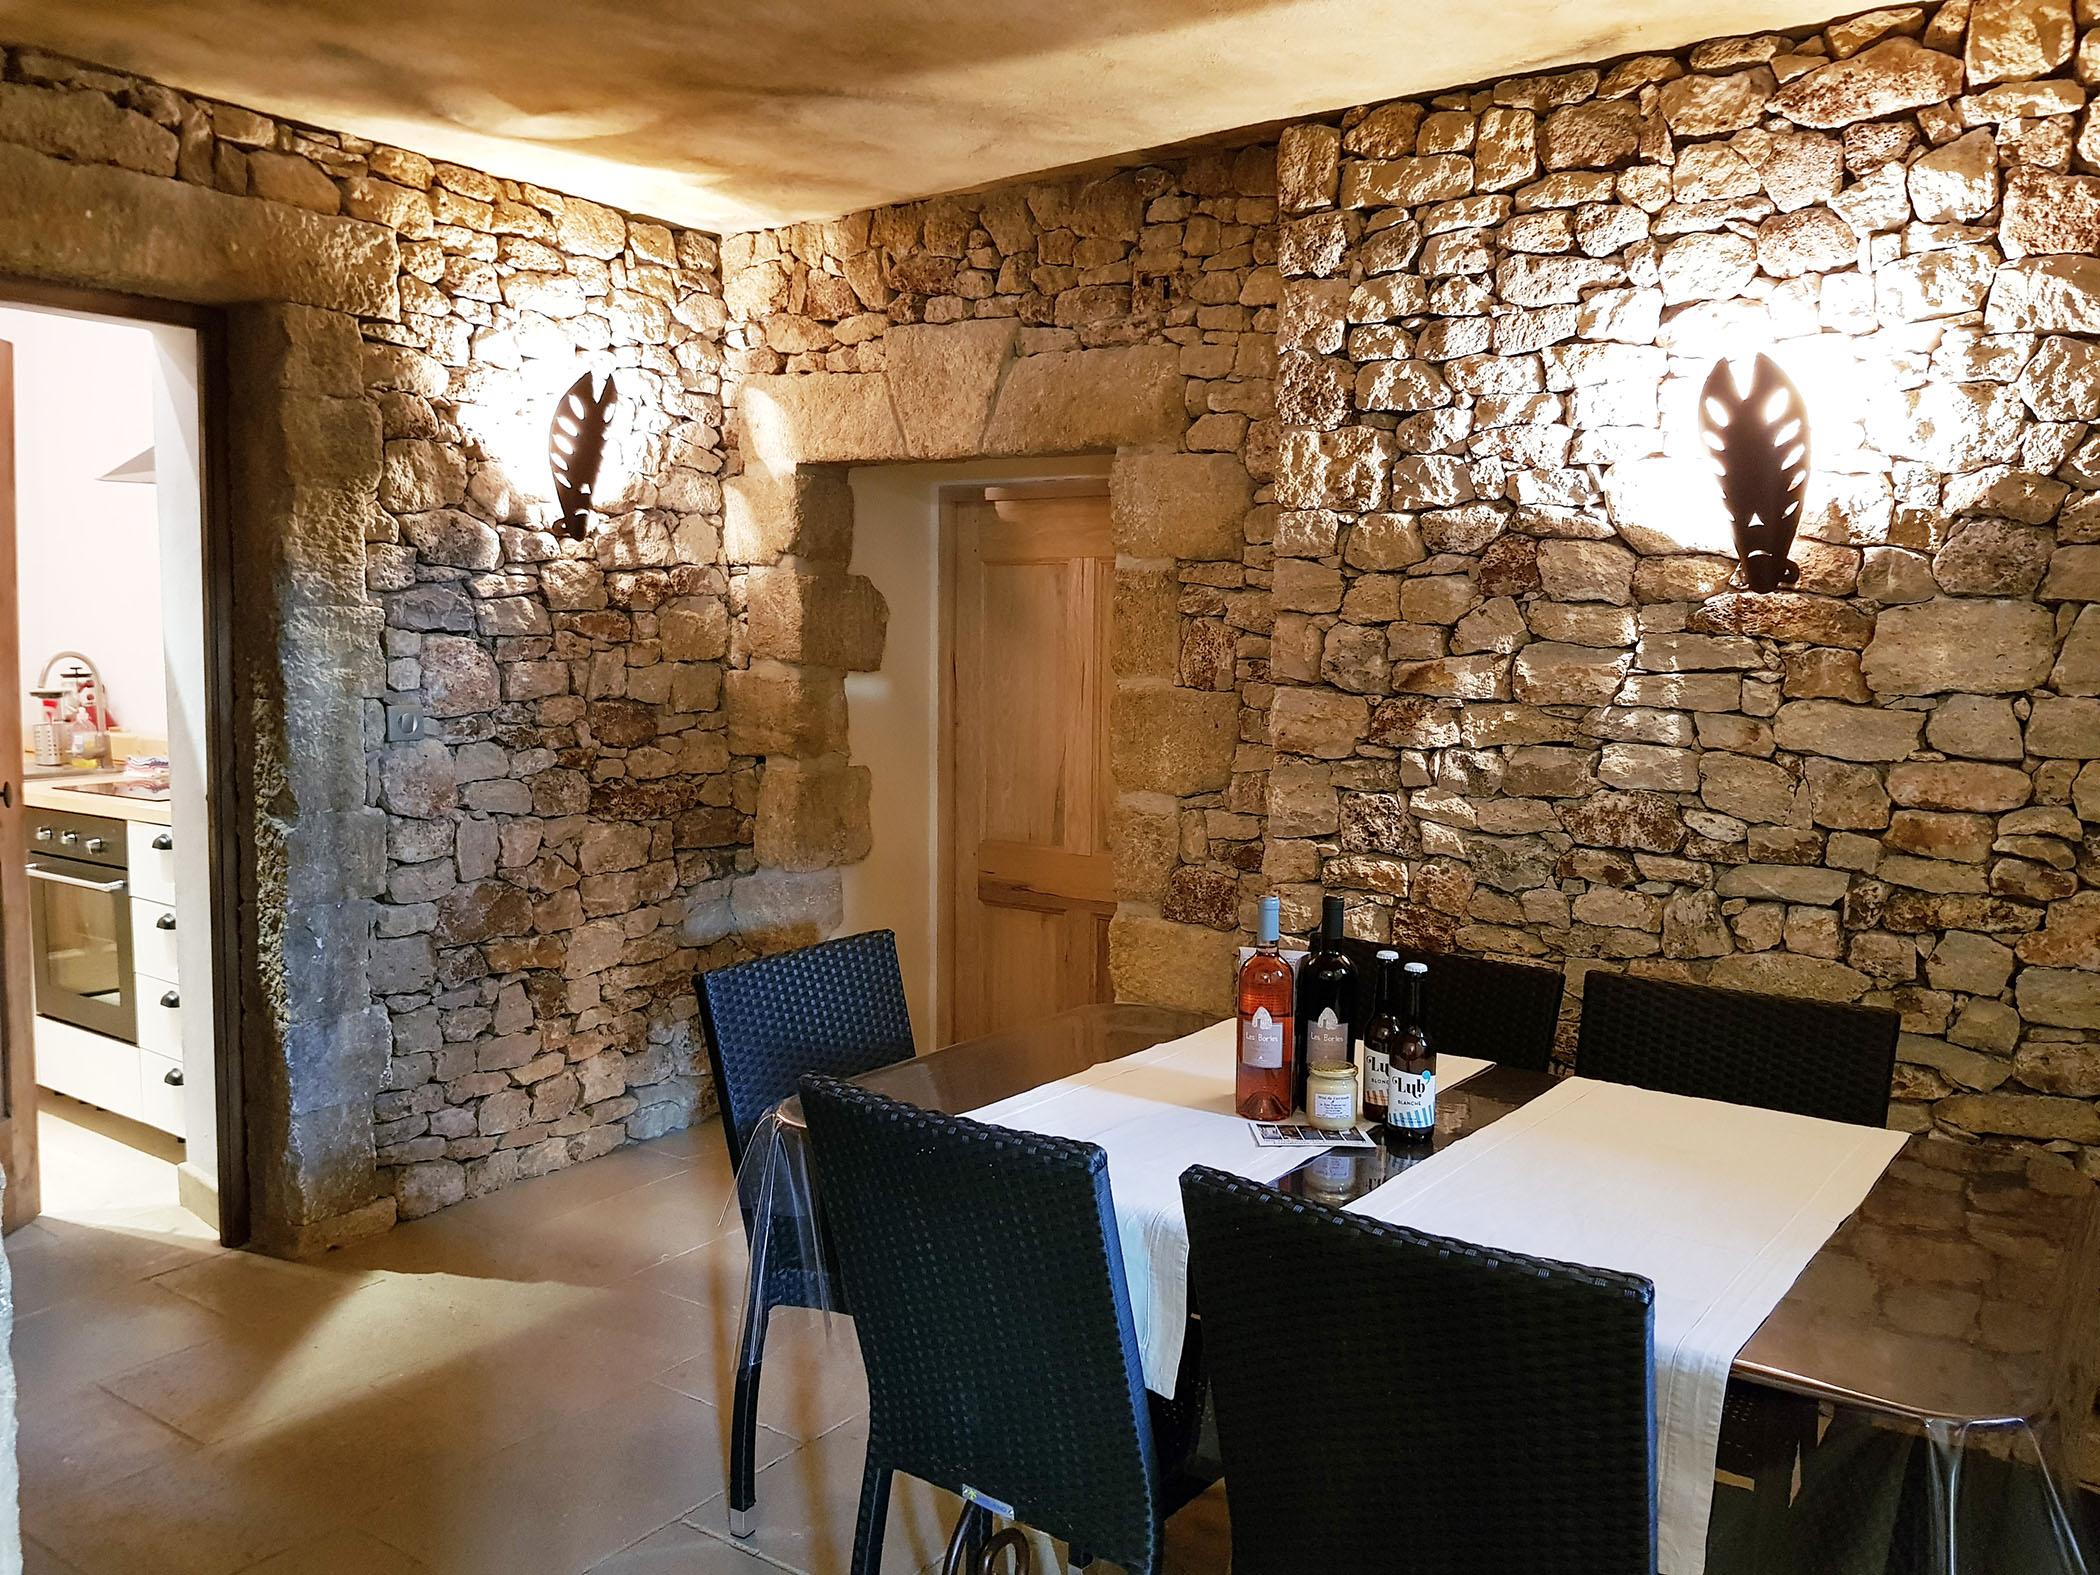 La Porte De La Cuisine la salle à manger avec la porte de la cuisine. - mazet